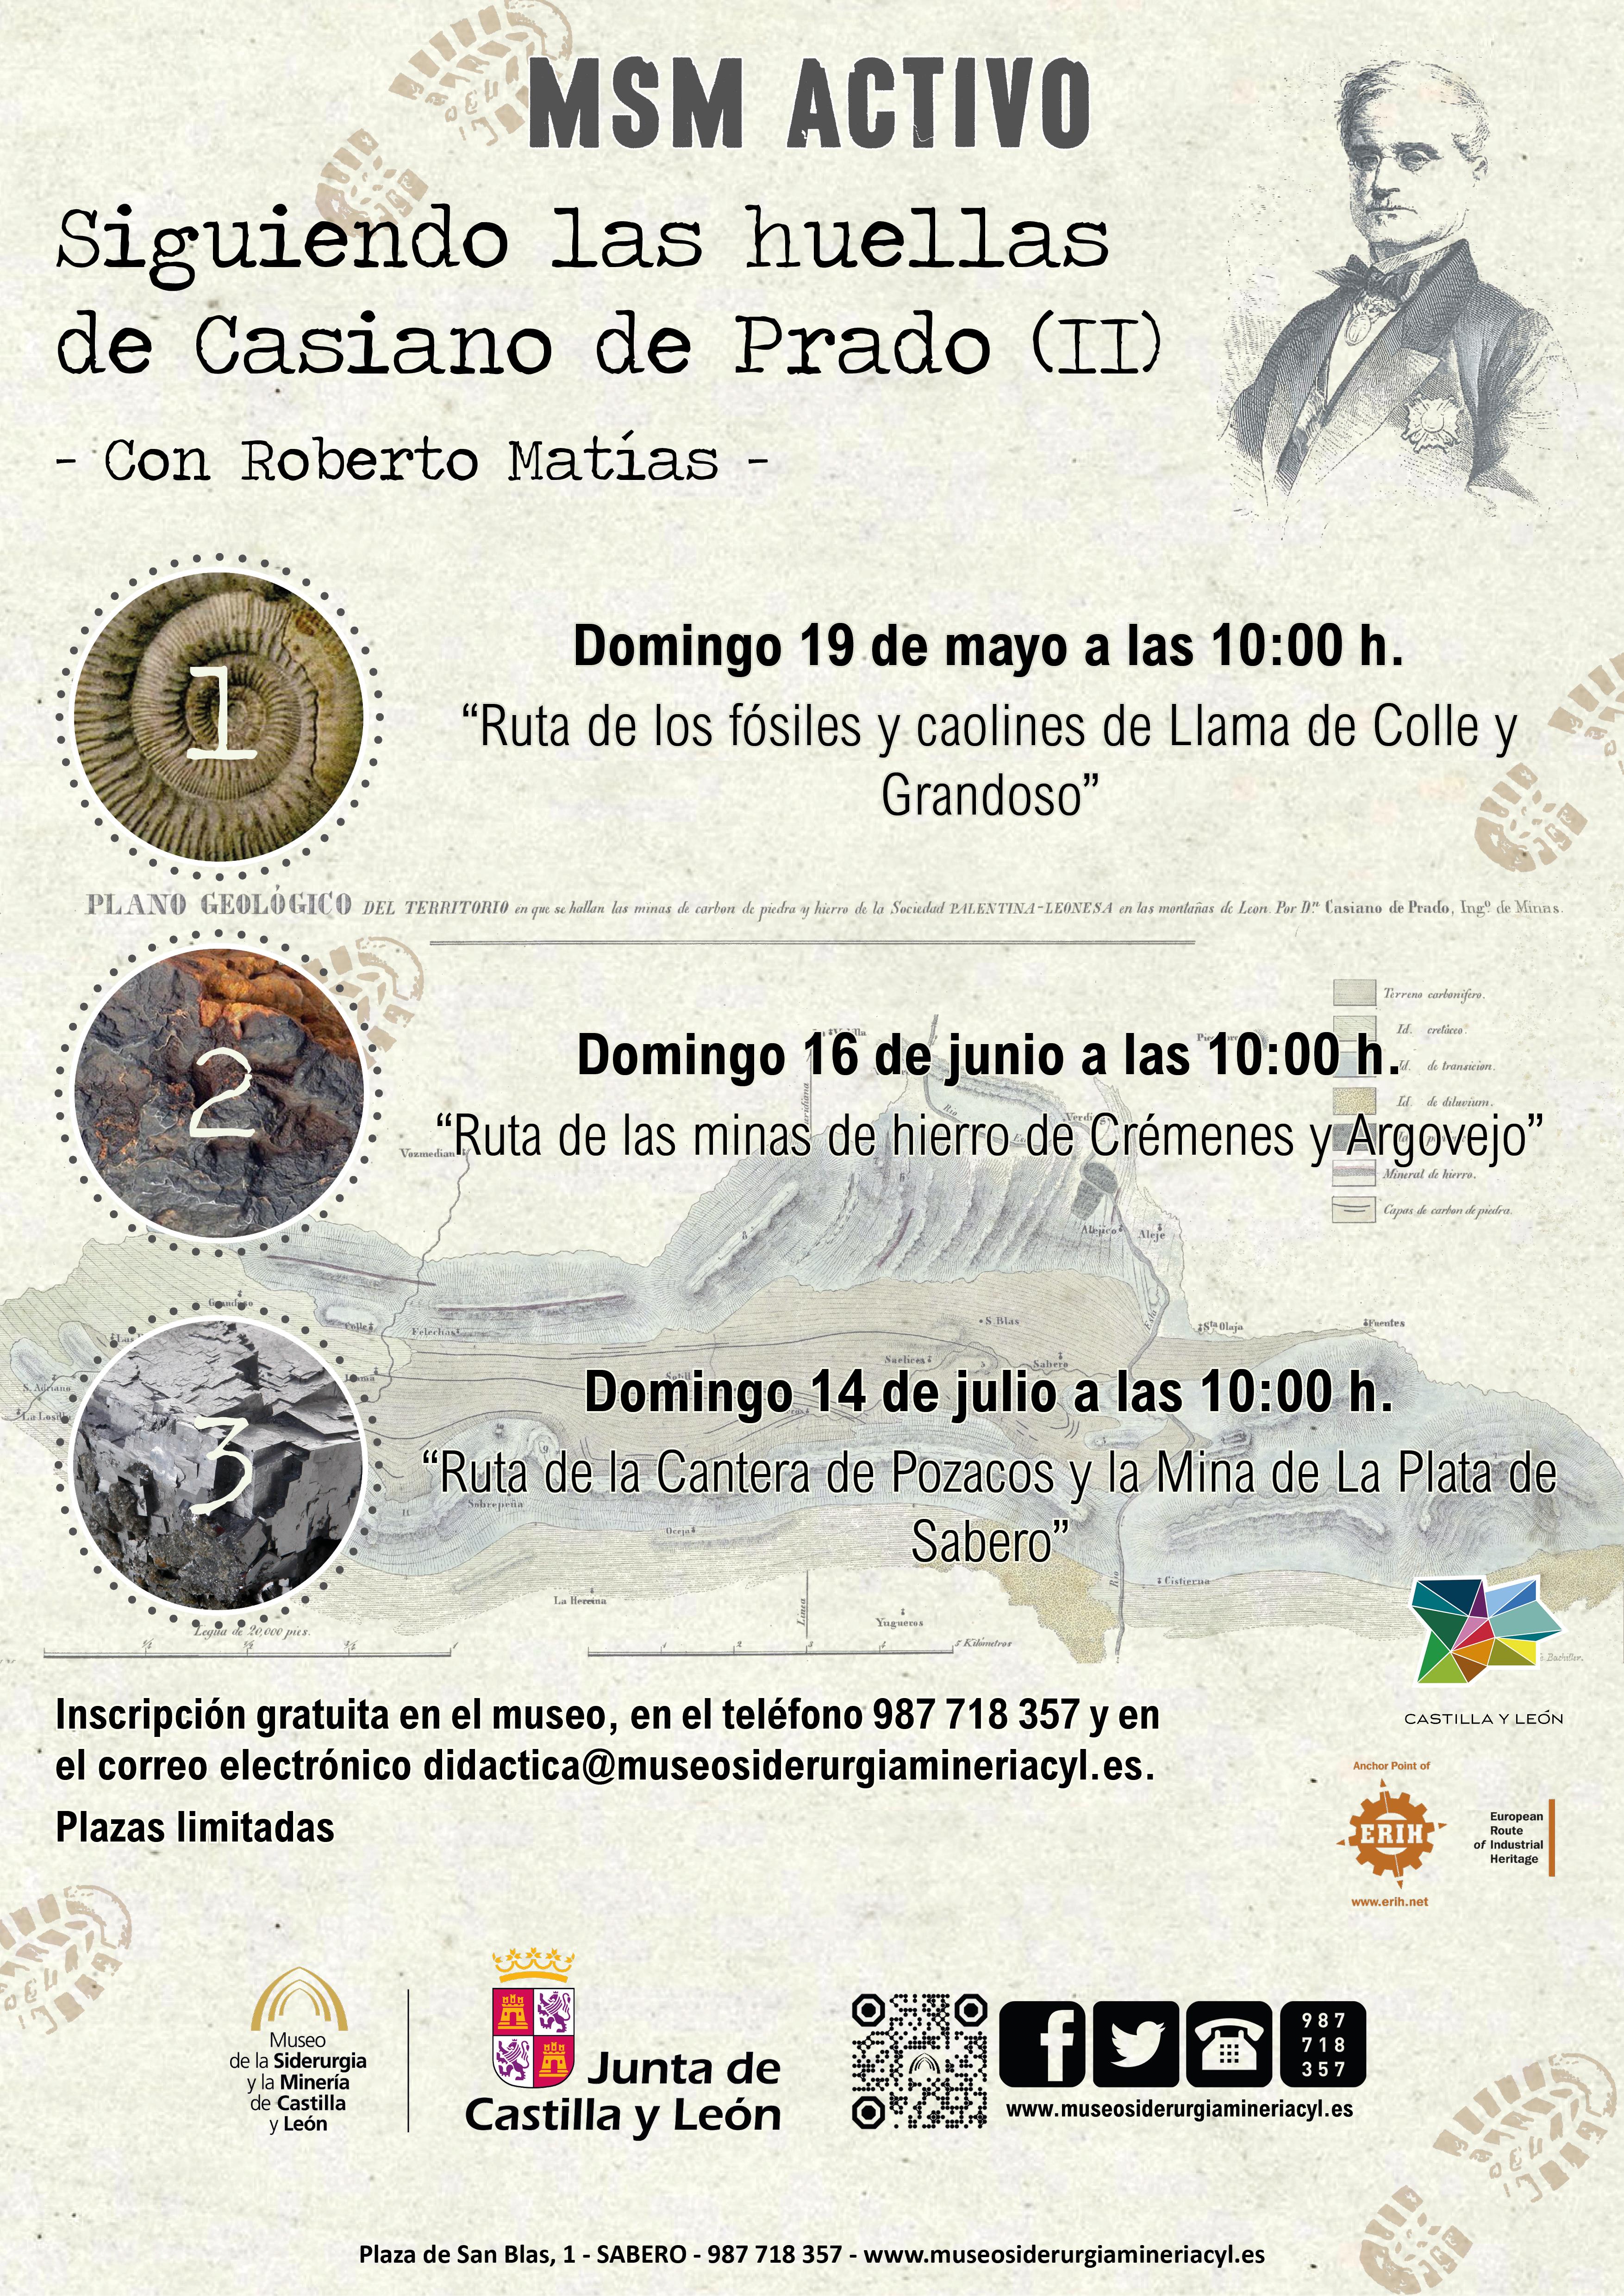 MSM ACTIVO: SIGUIENDO LAS HUELLAS DE CASIANO DE PRADO (II)